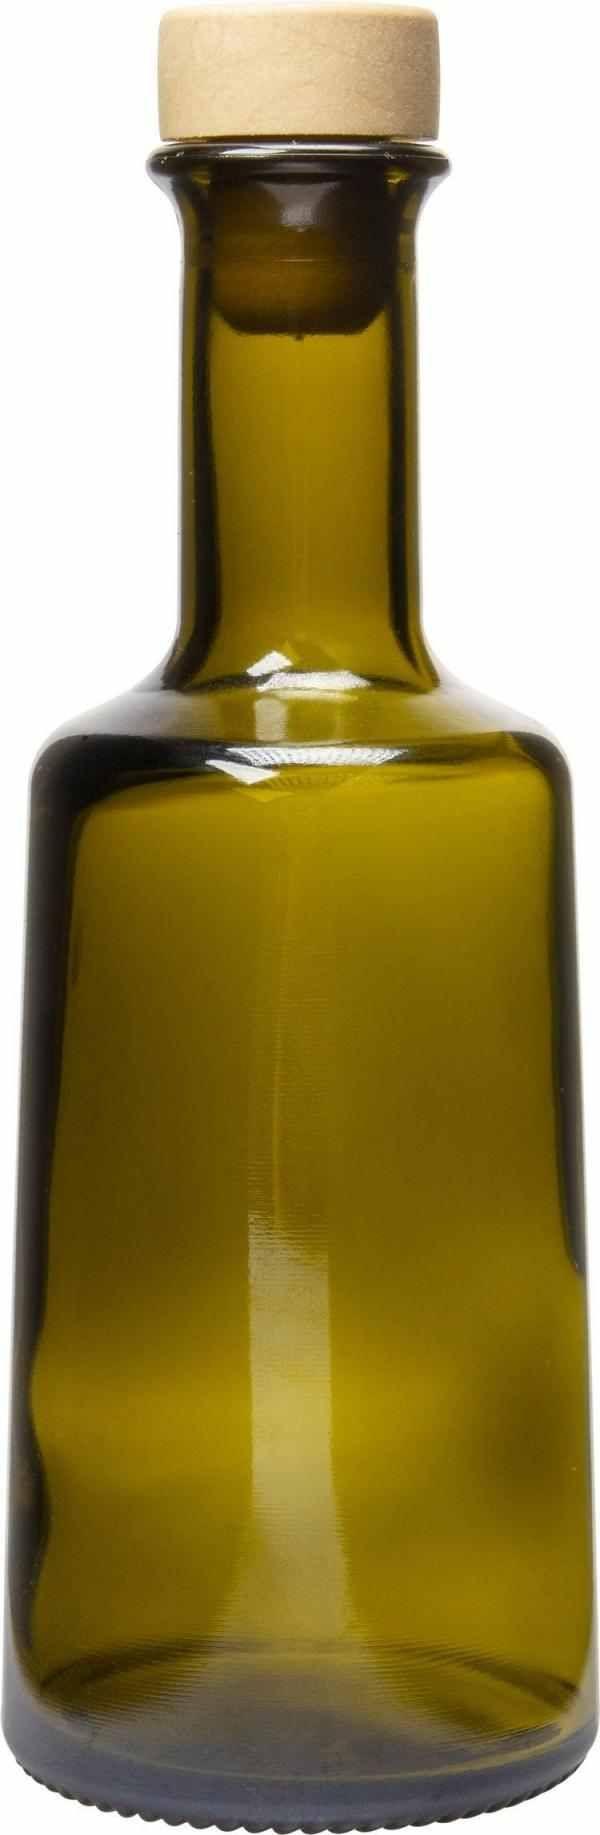 Láhev Olio 250 ml + zátka